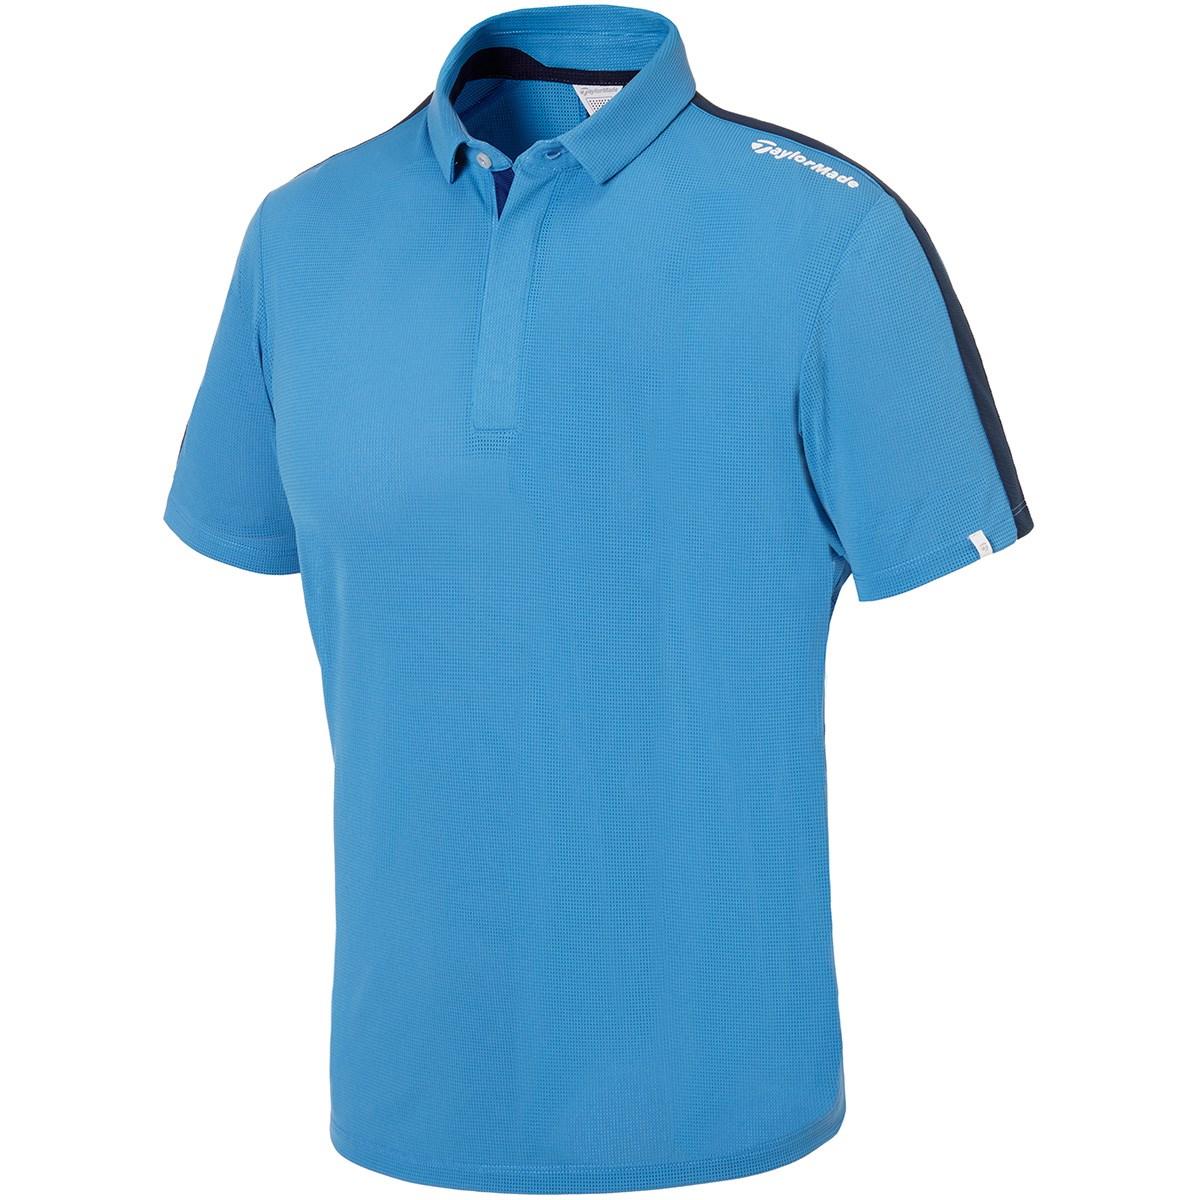 テーラーメイド(Taylor Made) ストレッチ ベンチレーティッドラインド 半袖ポロシャツ